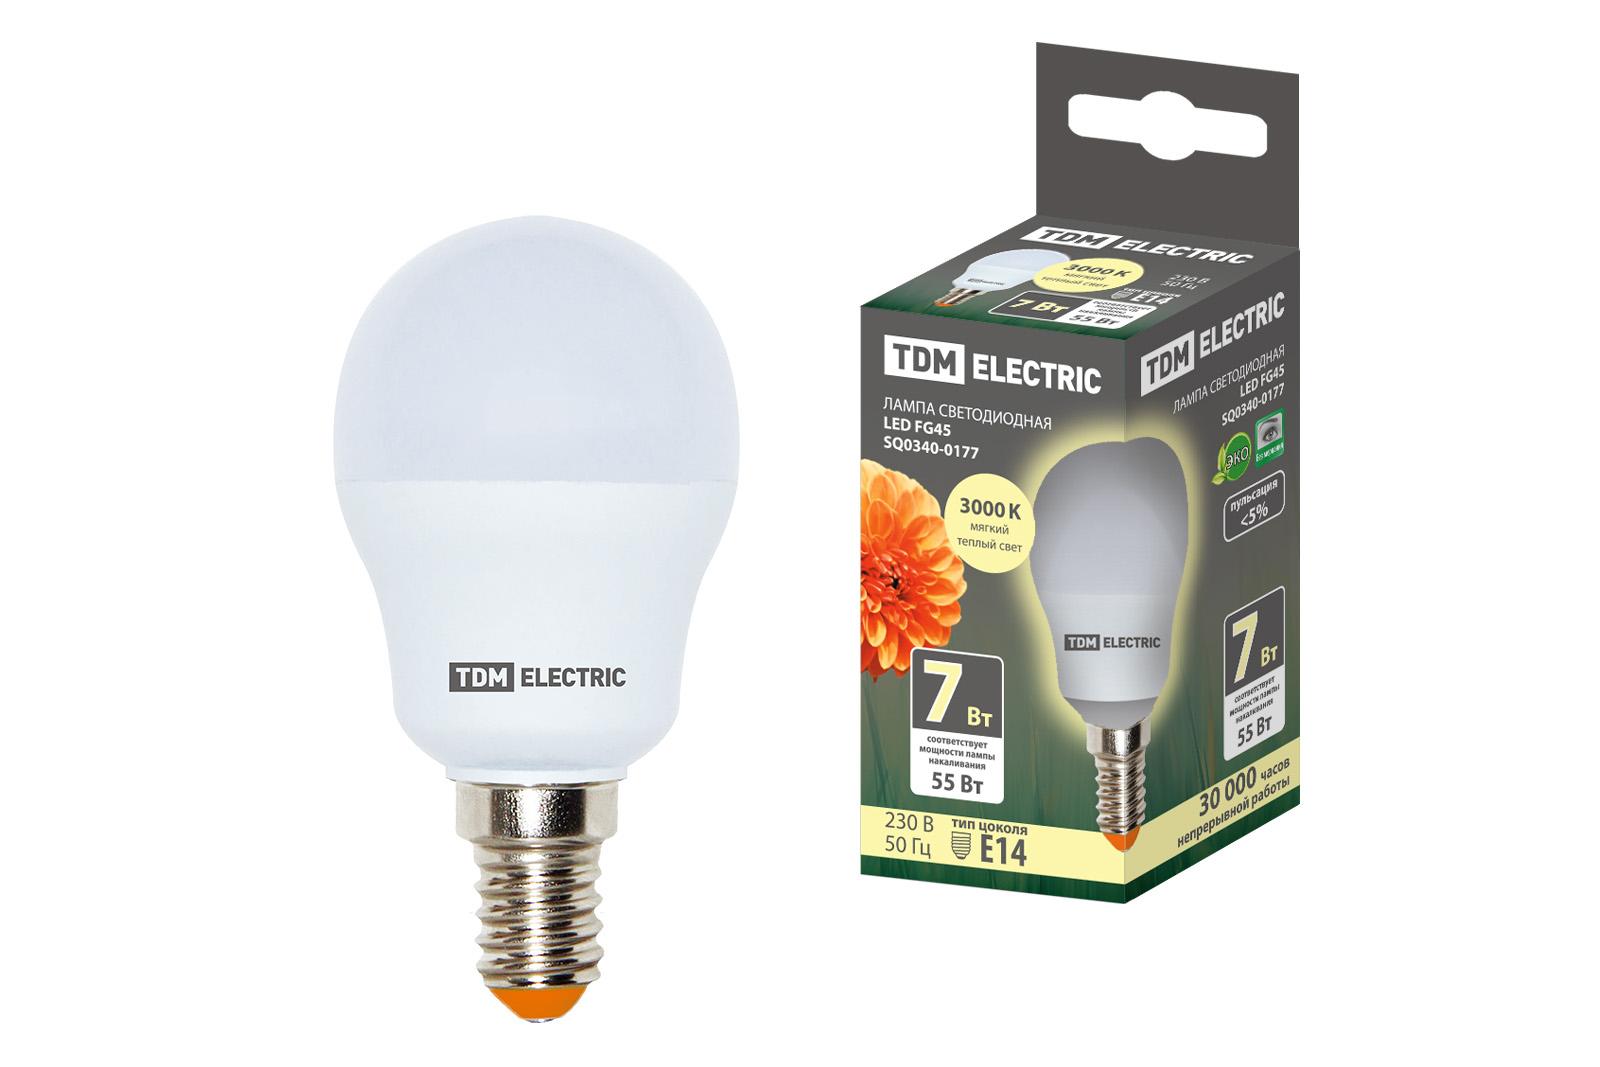 Фото Лампа светодиодная FG45-7 Вт-230 В-3000 К–E14 TDM {SQ0340-0177}